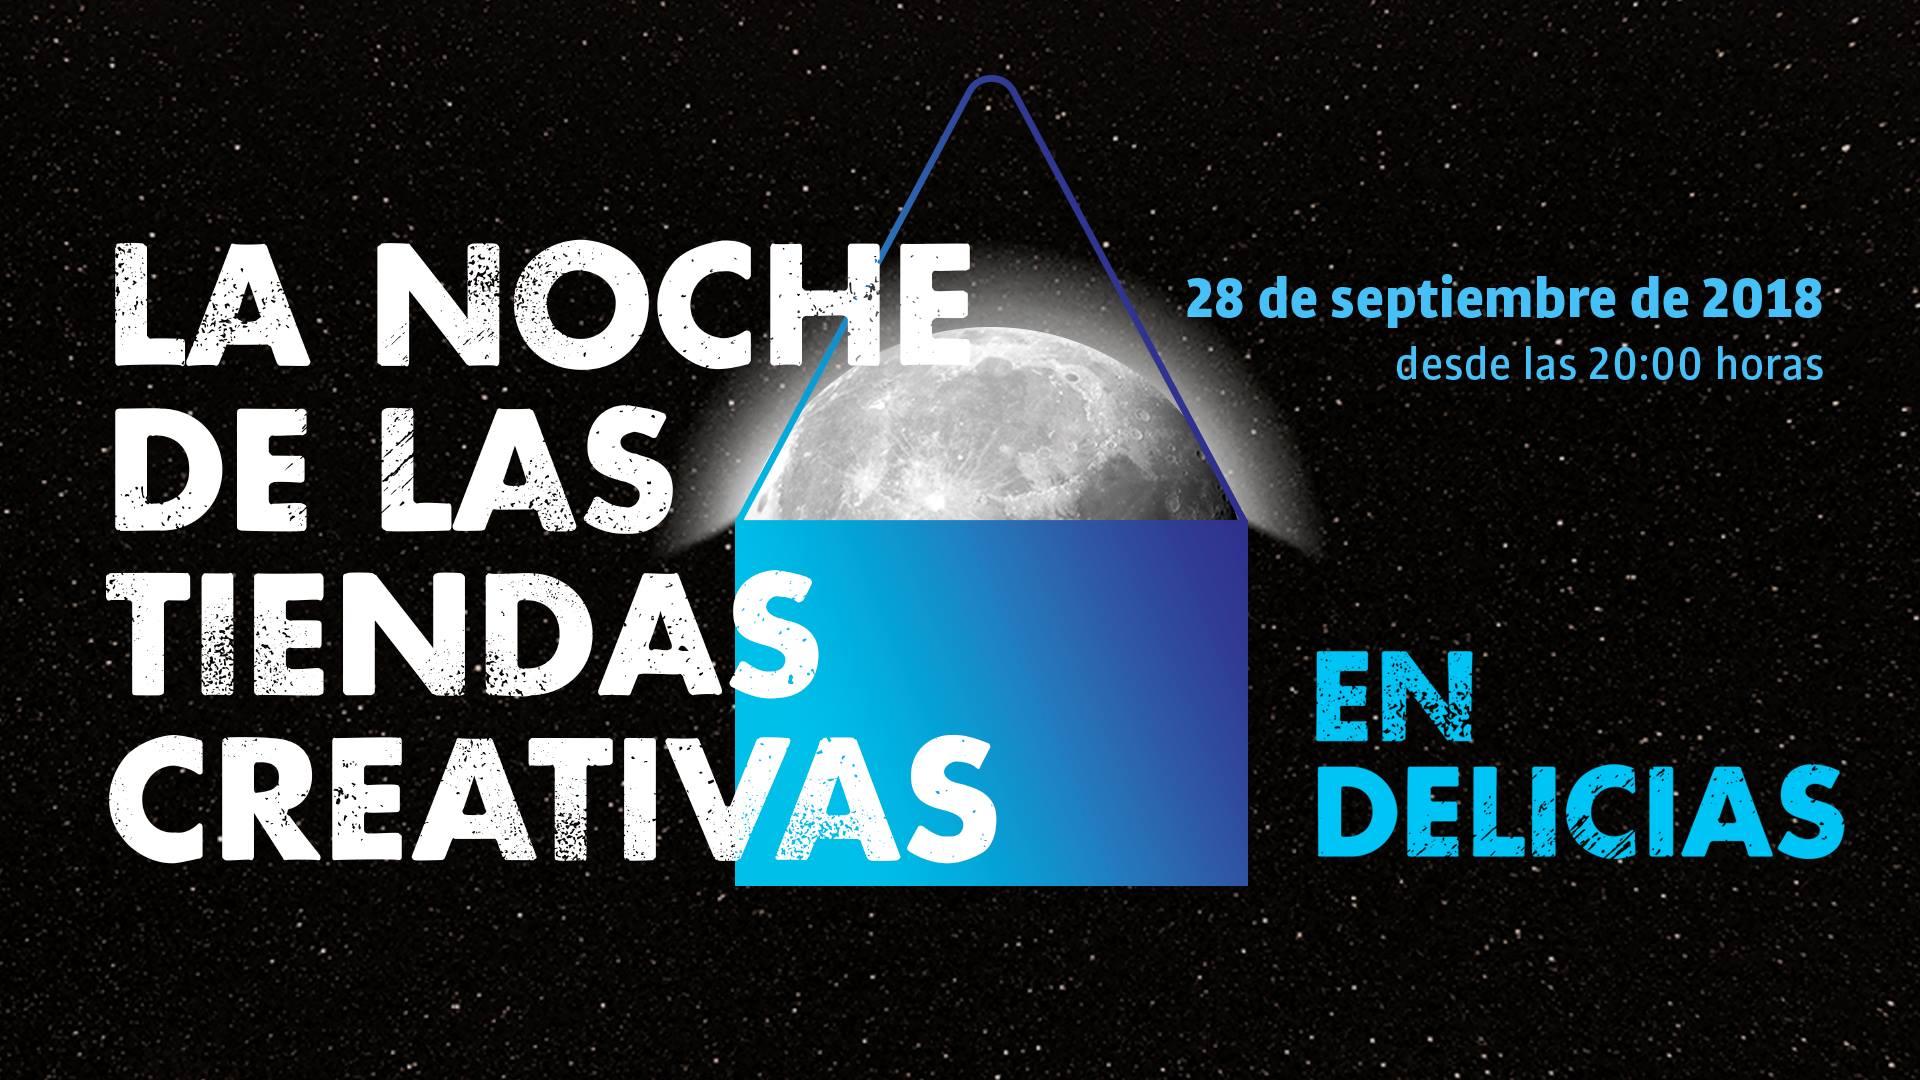 Vuelve La Noche de las Tiendas Creativas en Delicias: programación 2018